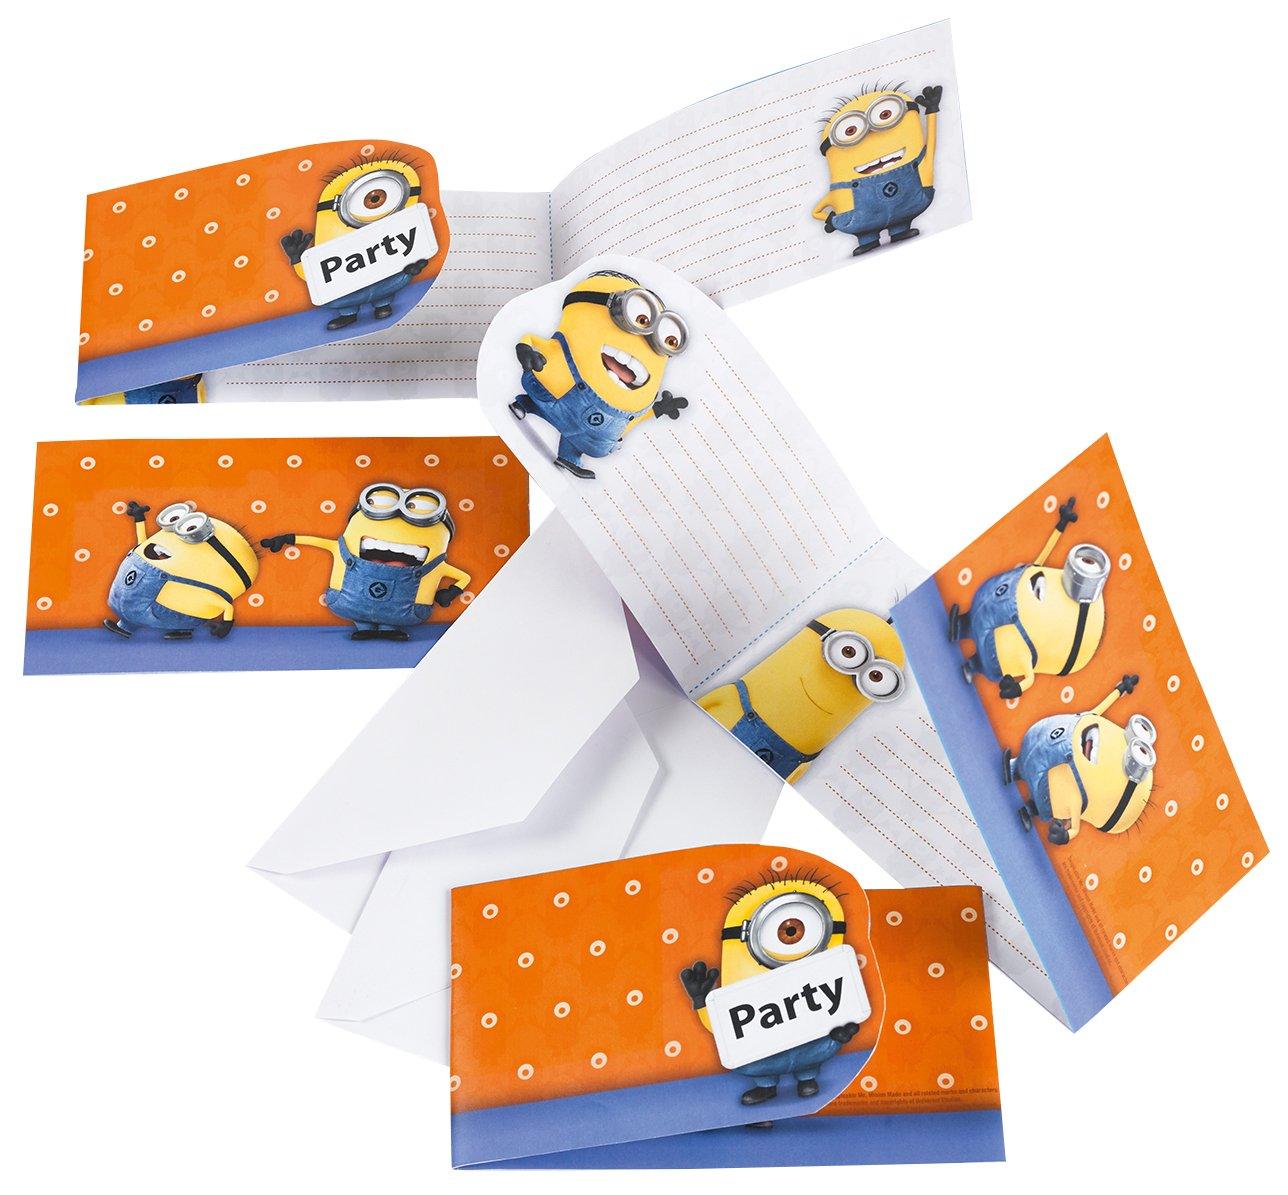 Schön Minions Einladungskarten Mit Umschlag, 6 Stück: Amazon.de: Spielzeug